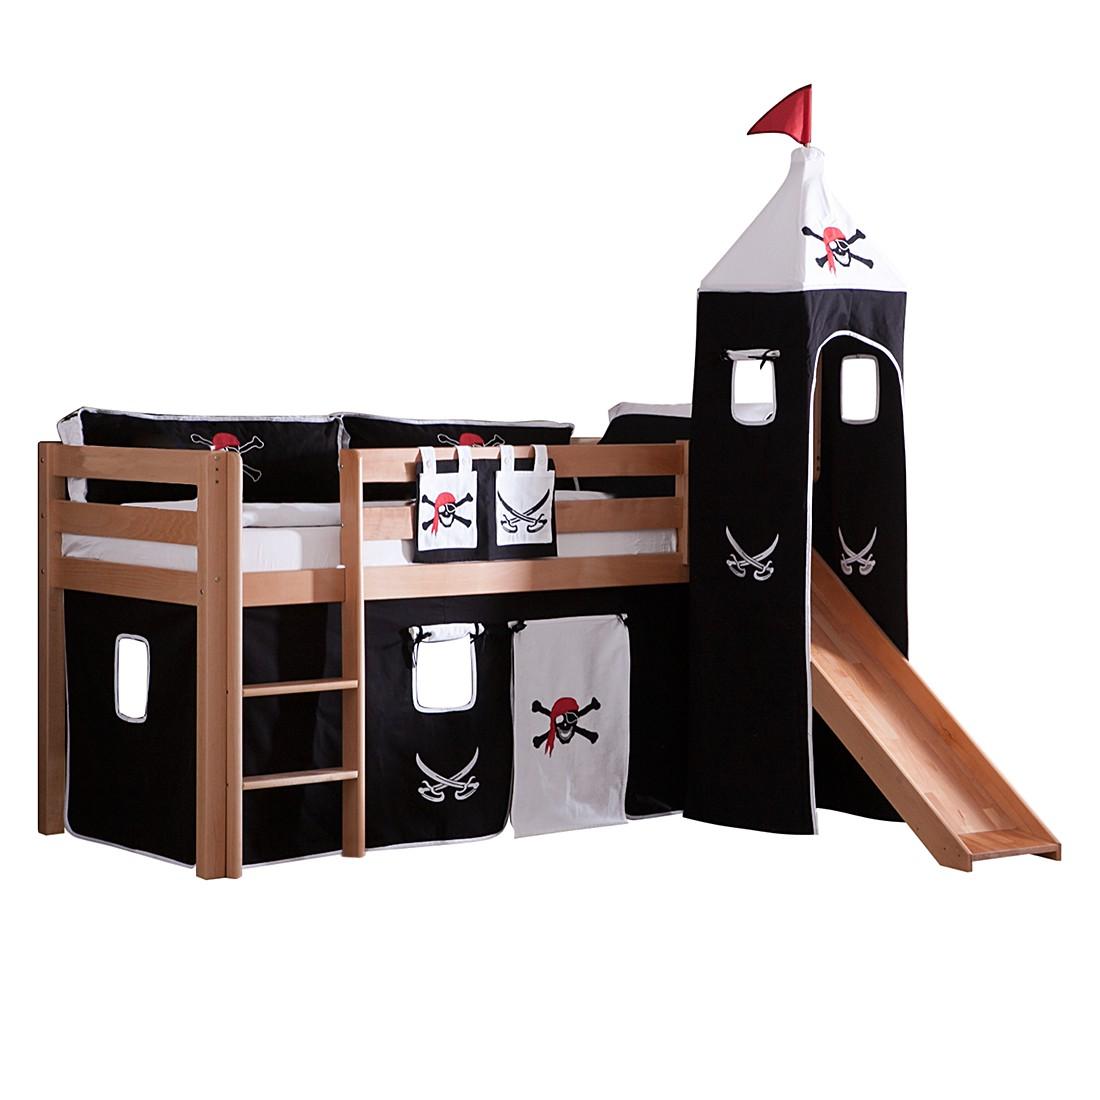 Spielbett Alex - mit Rutsche Vorhang, Turm und Tasche - Buche natur/Textil Pirat, Relita